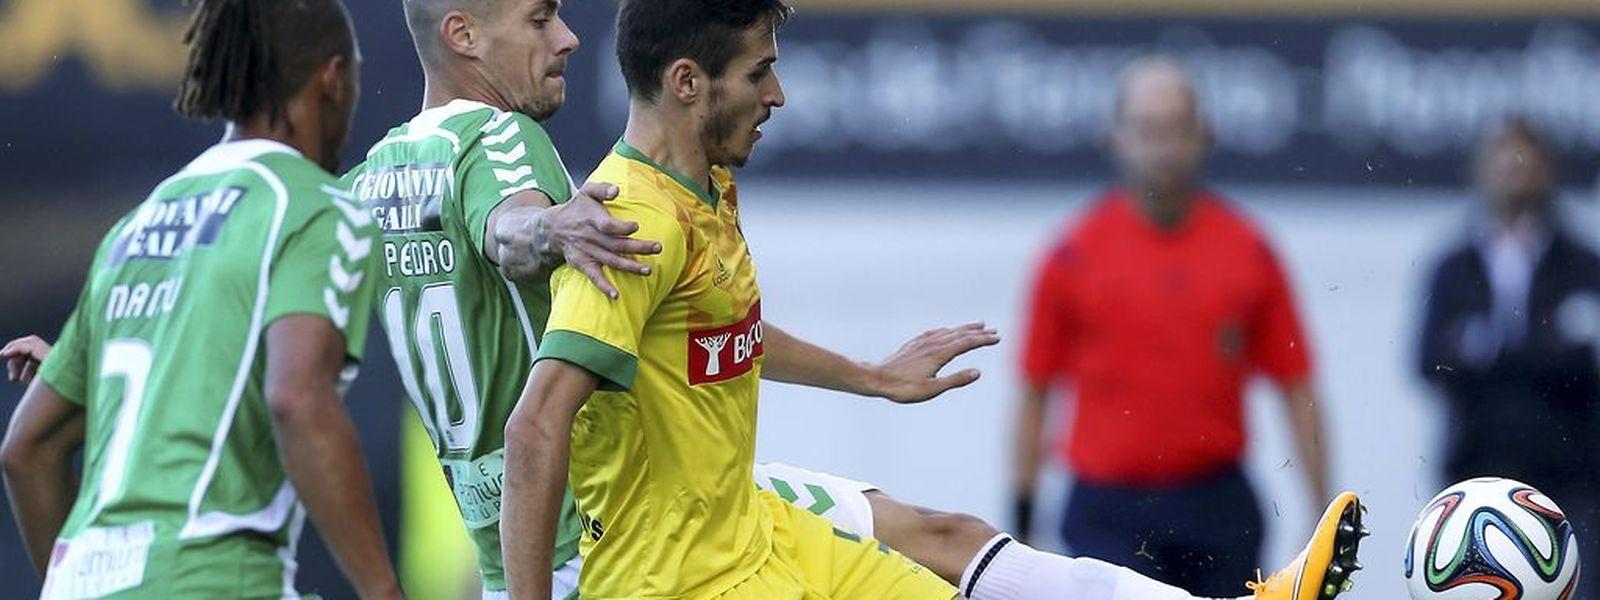 Hélder Lopes (de amarelo) e o Paços de Ferreira continuam a fazer um excelente campeonato